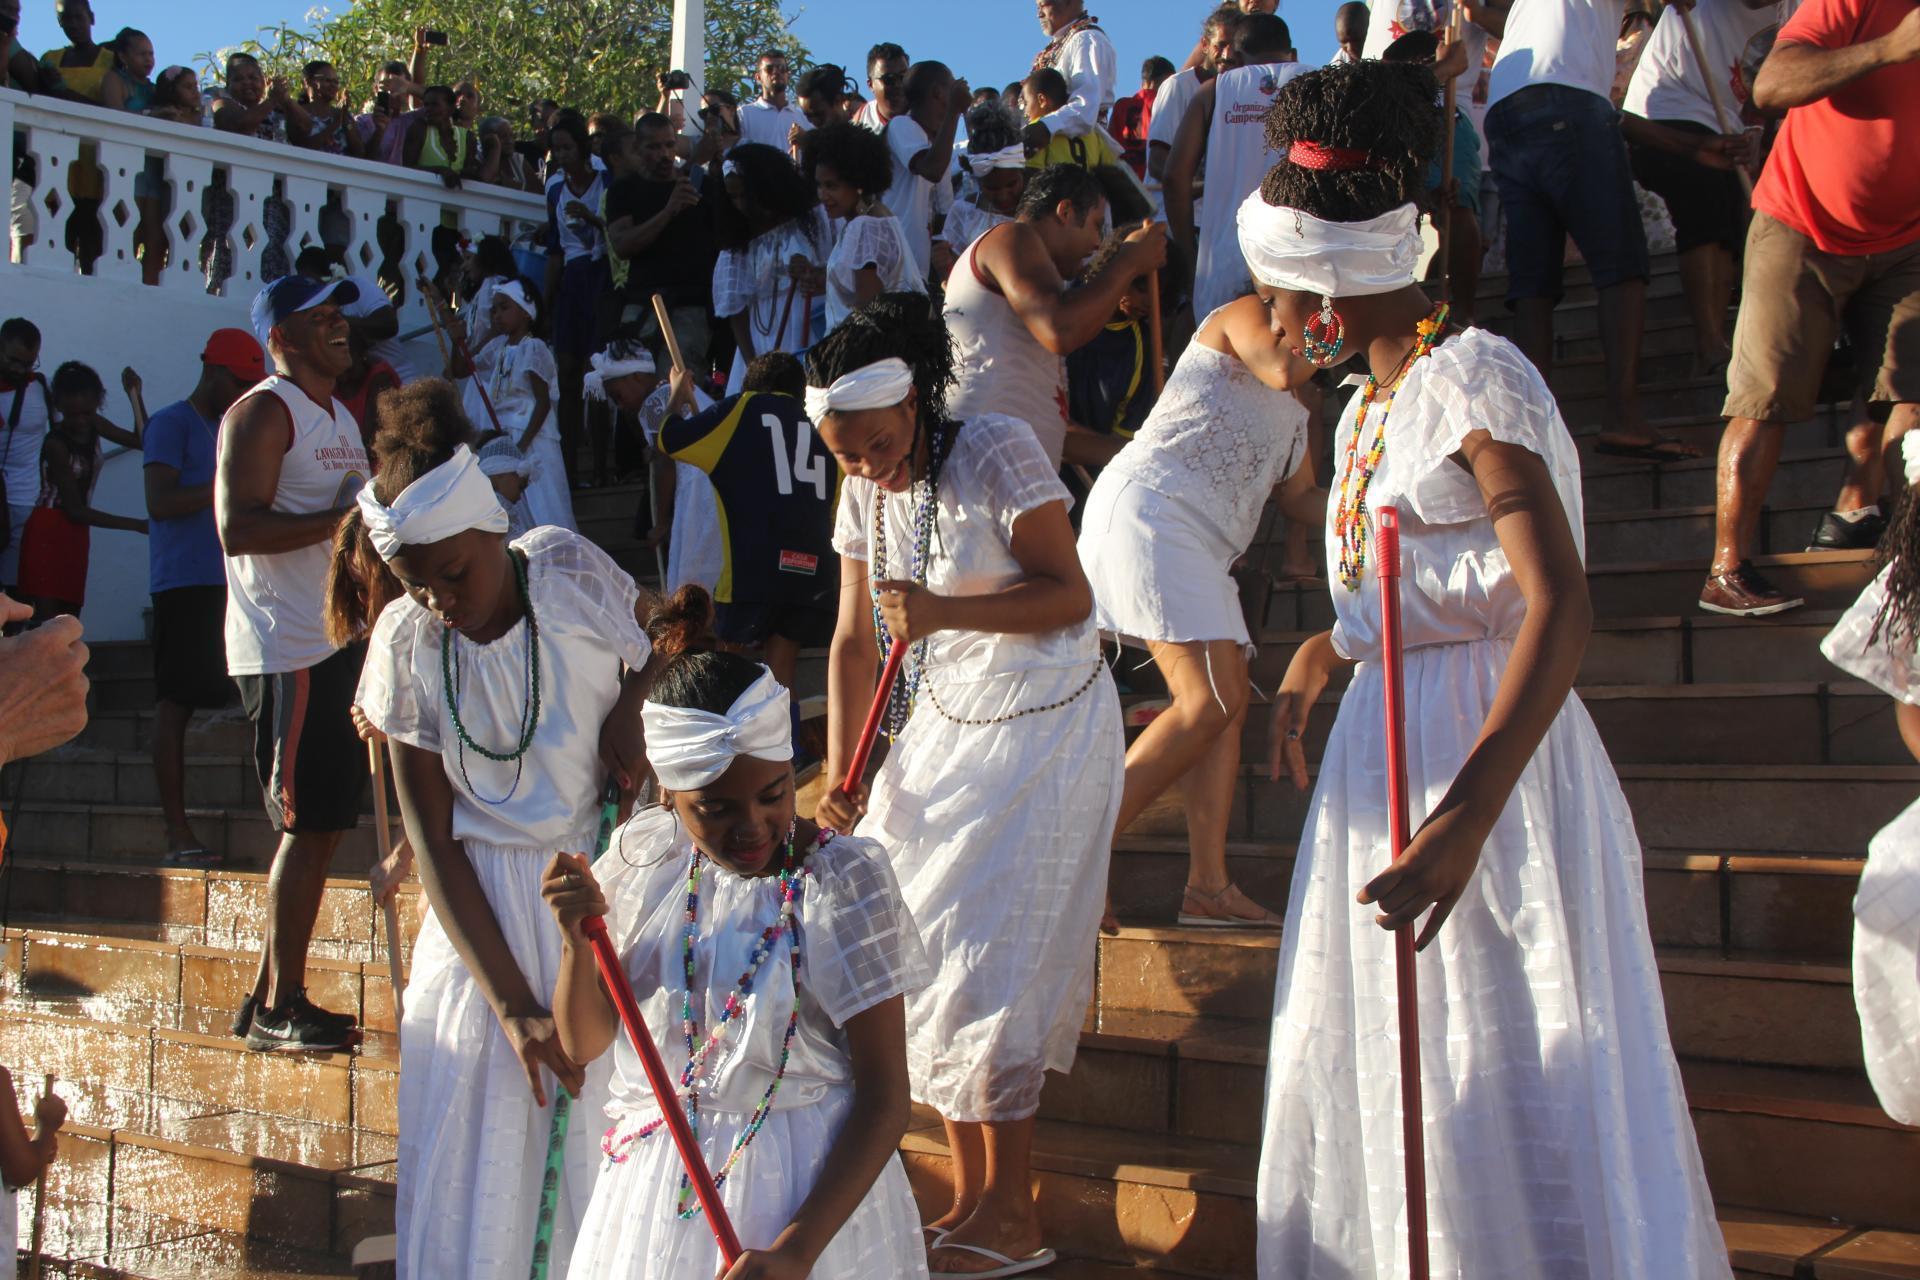 Festa do Senhor do Bonfim in Salvador